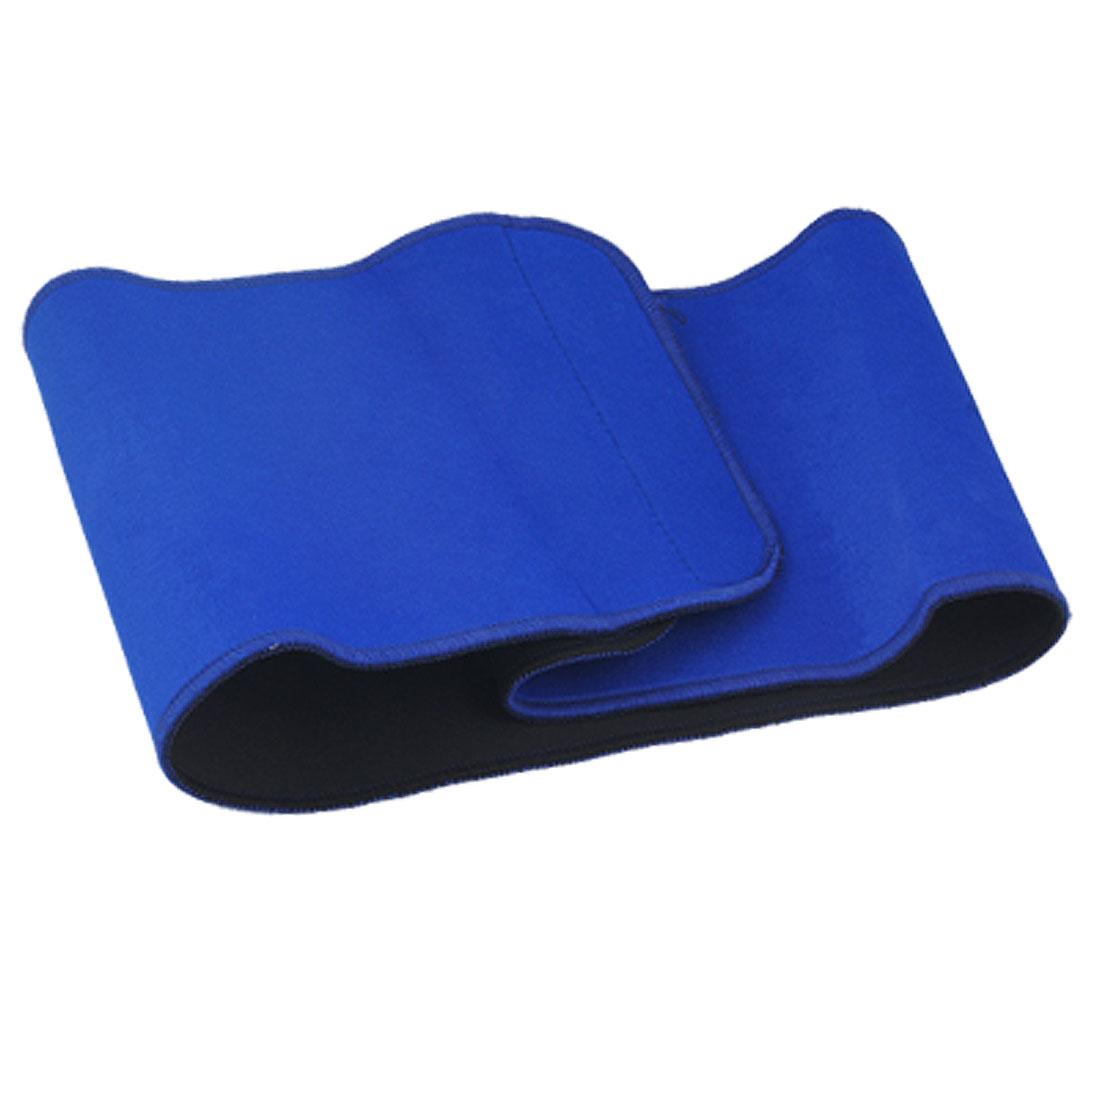 Blue Adjustable Waist Support Elastic Back Brace